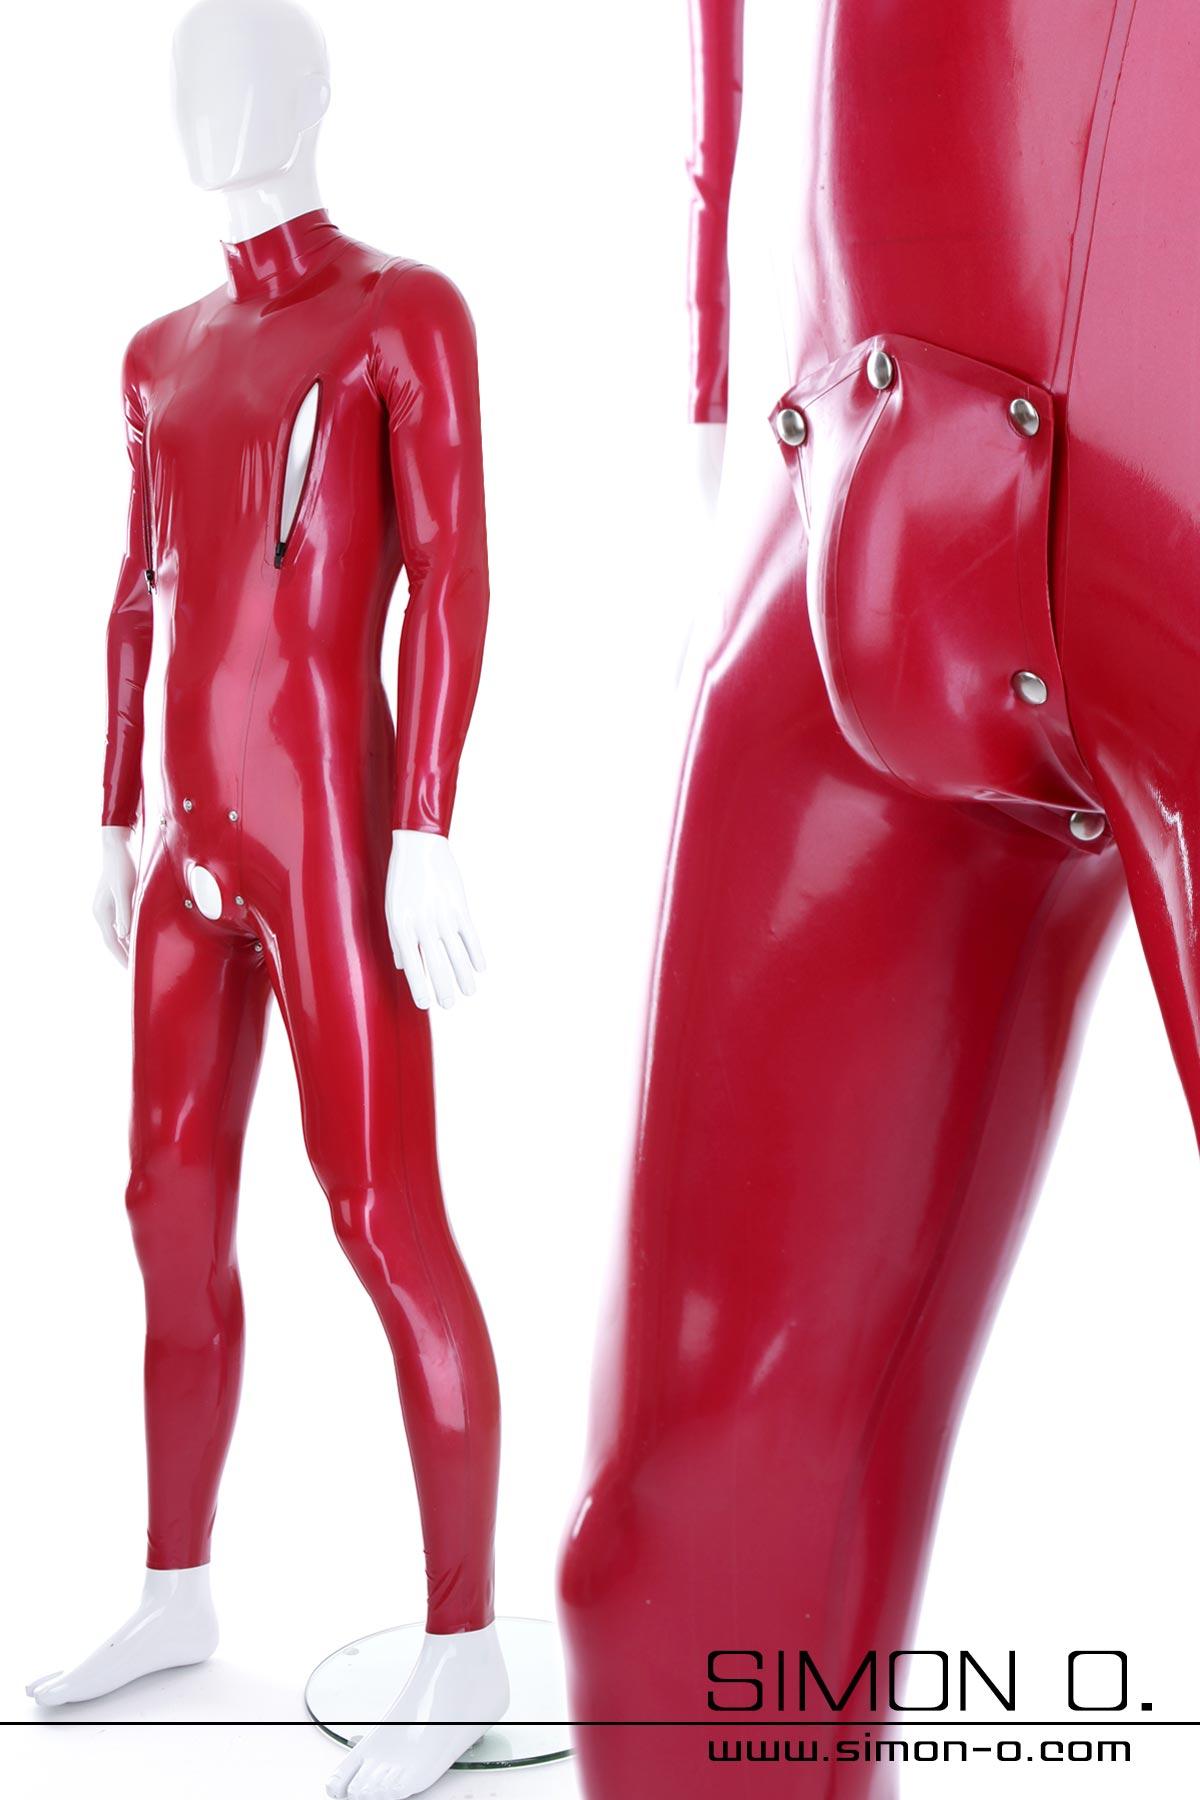 Roter glänzender Latex Anzug mit abnehmbaren Codpiece von vorne gesehen